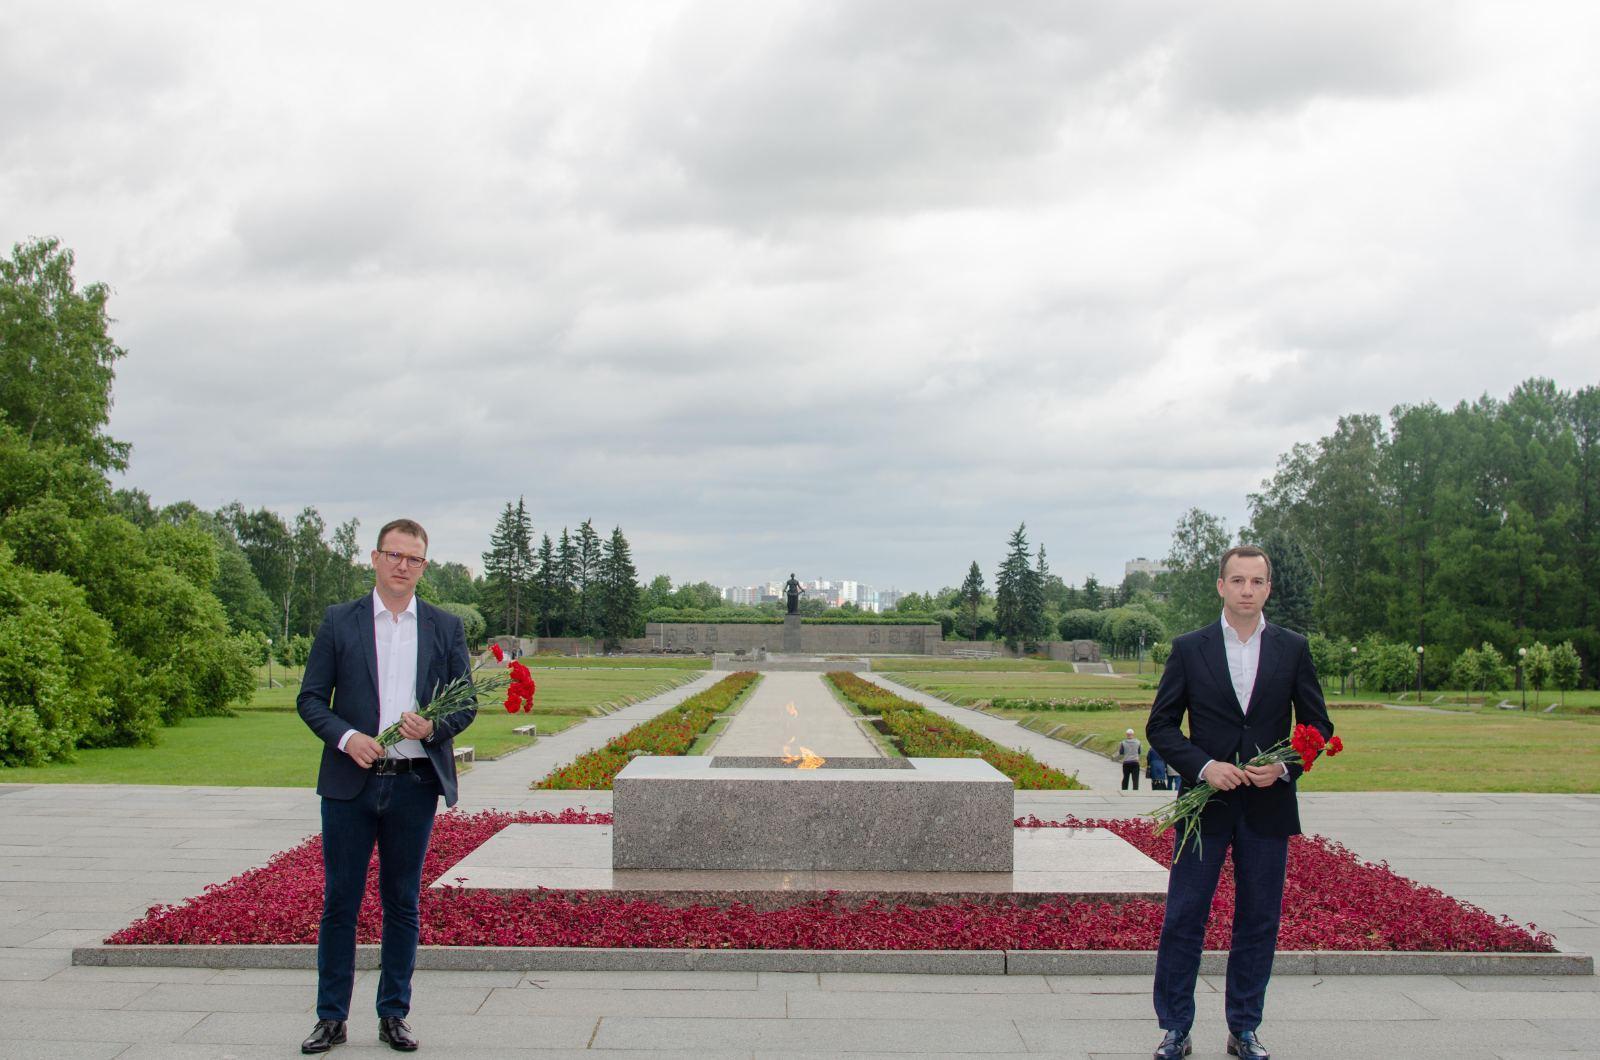 Srpska delegacija položila cveće na spomenik žrtvama u Sankt Petersburgu